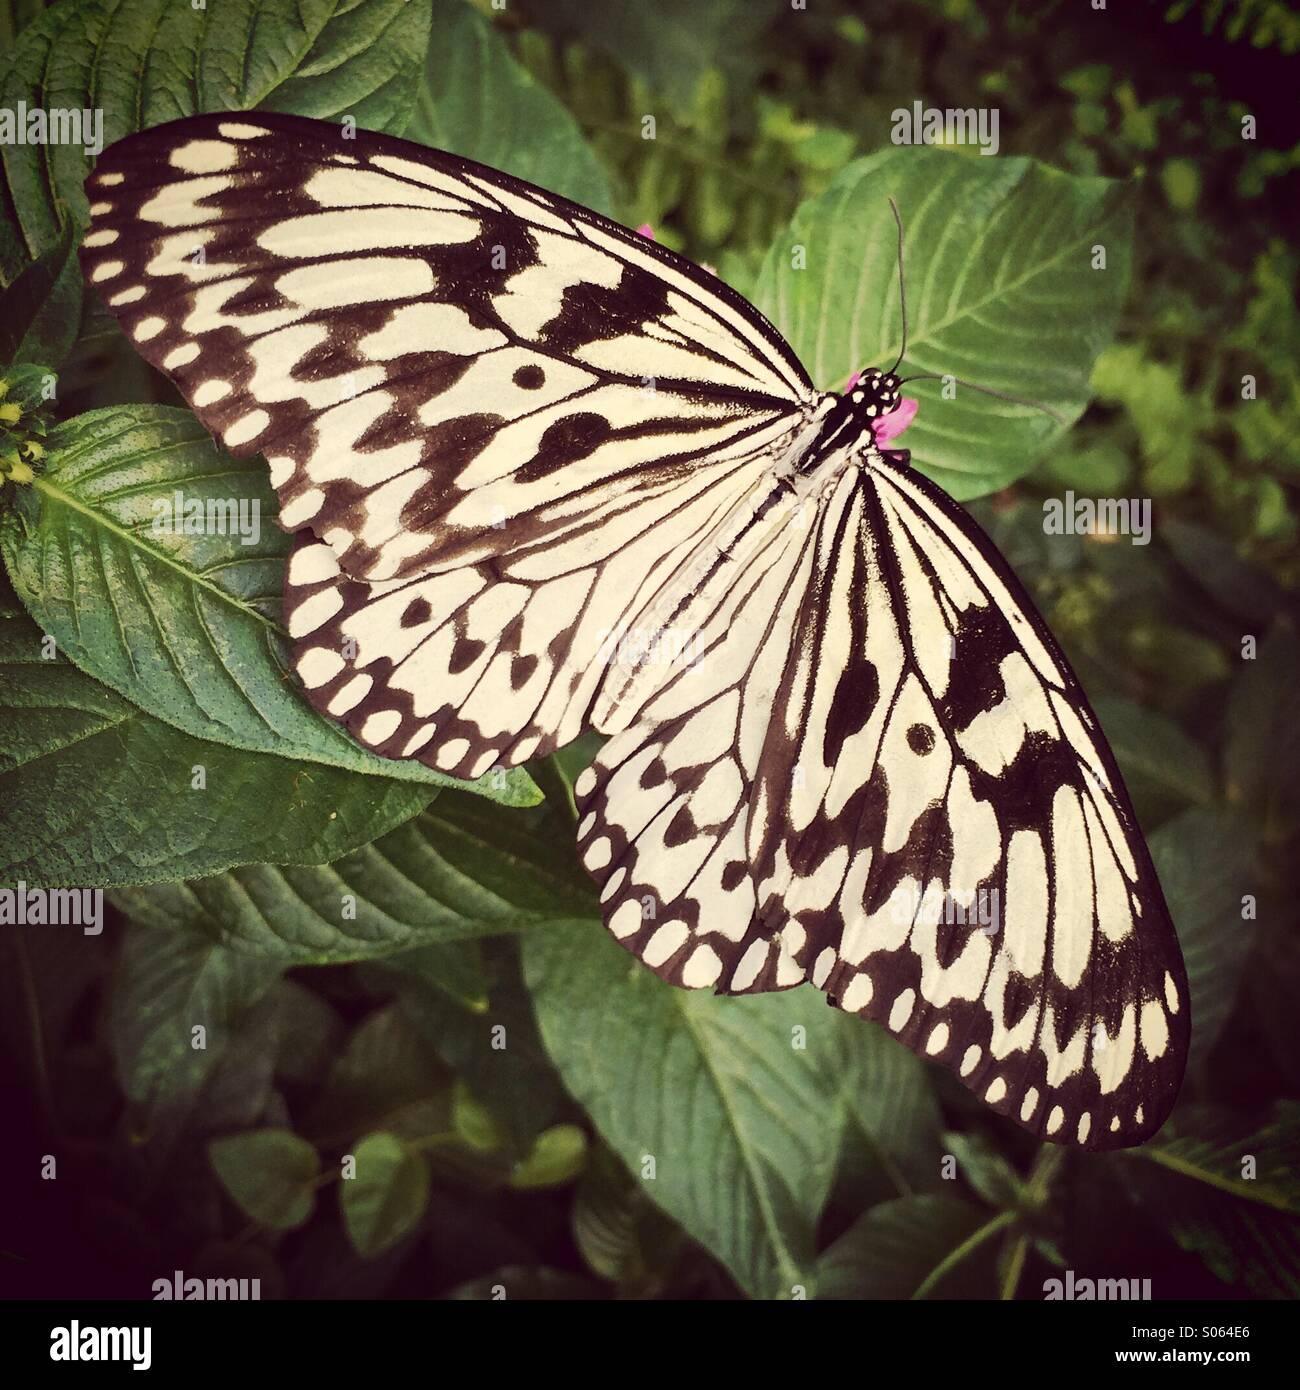 La carta di riso o carta aquilone Butterfly (Idea leuconoe) nel sud-est asiatico. Immagini Stock